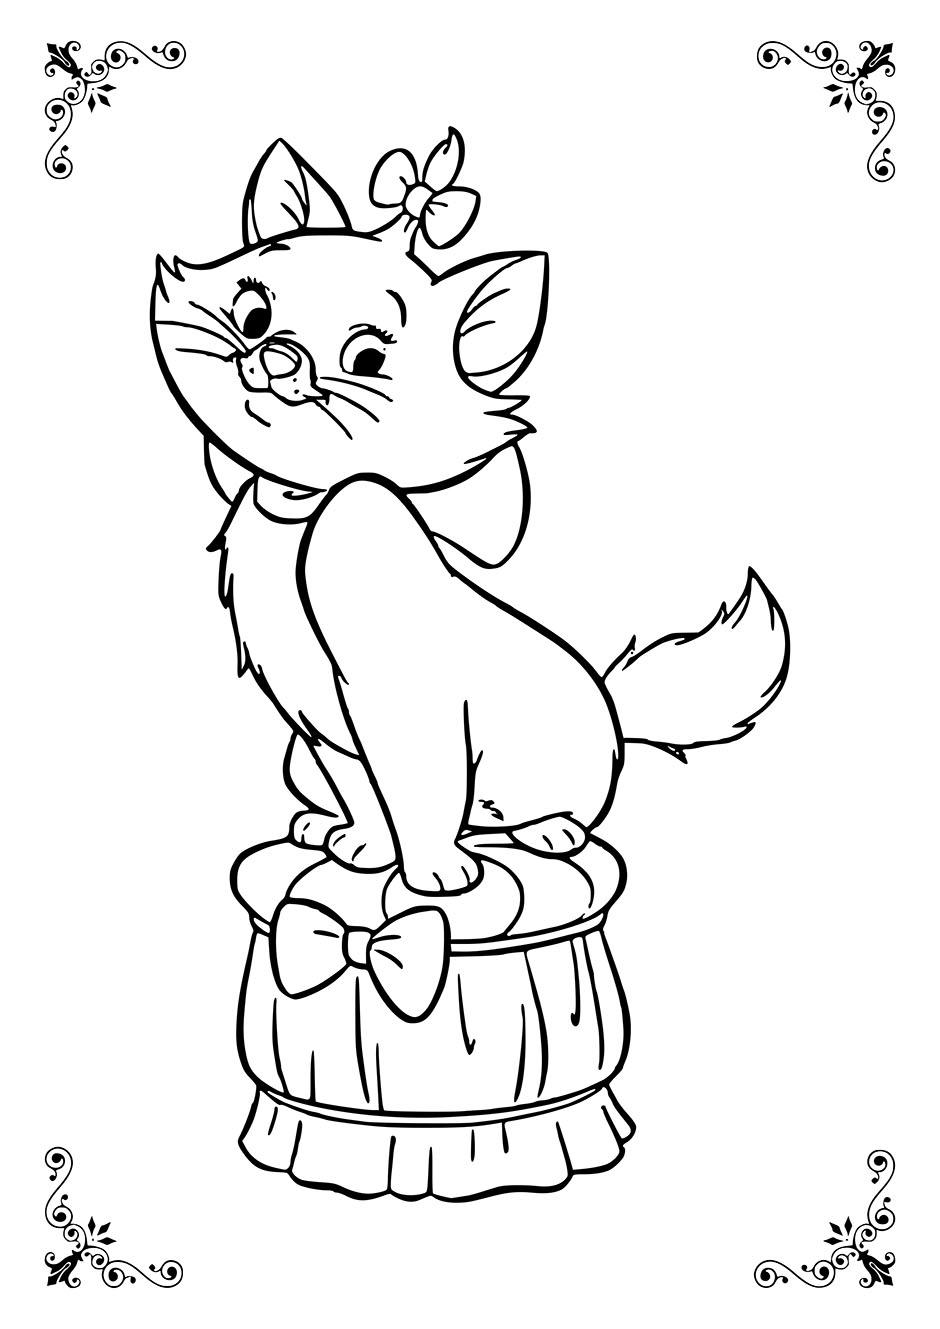 Раскраска: кошка с бантиком — raskraski-a4.ru